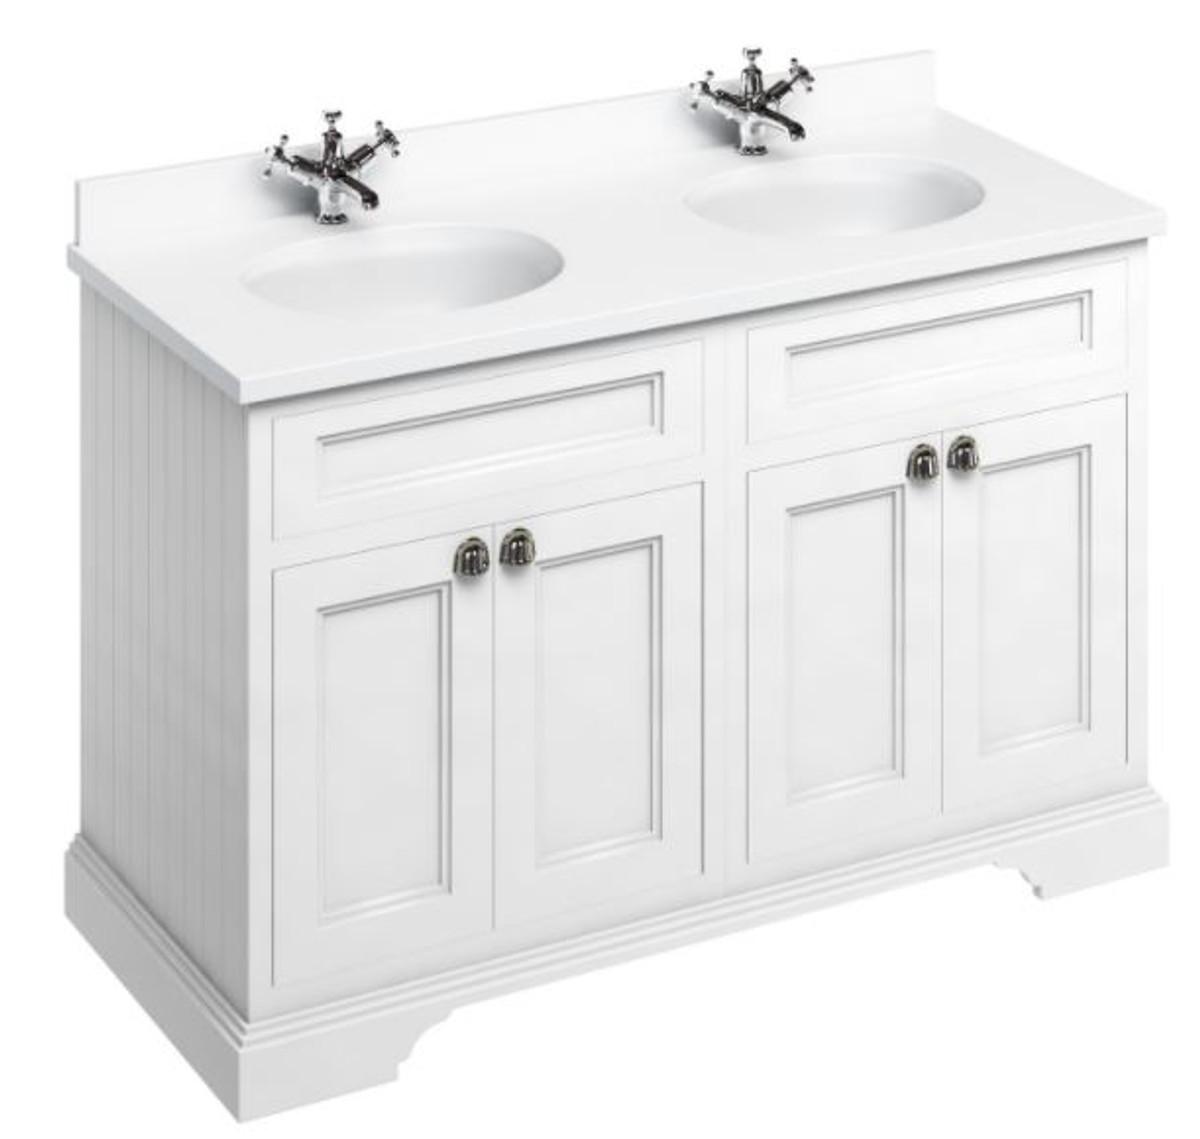 casa padrino doppel waschschrank waschtisch mit marmorplatte und 4 t ren 130 x 55 x h 93 cm. Black Bedroom Furniture Sets. Home Design Ideas